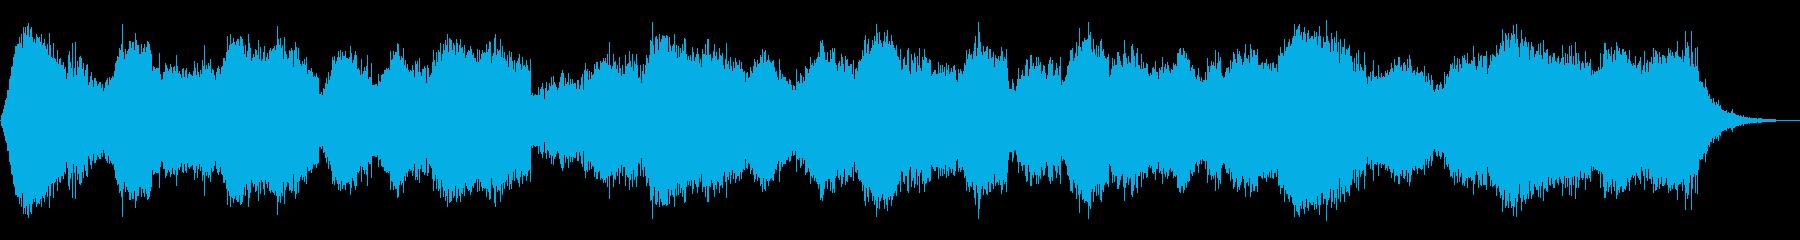 重厚なシネマティック・アンビエントの再生済みの波形